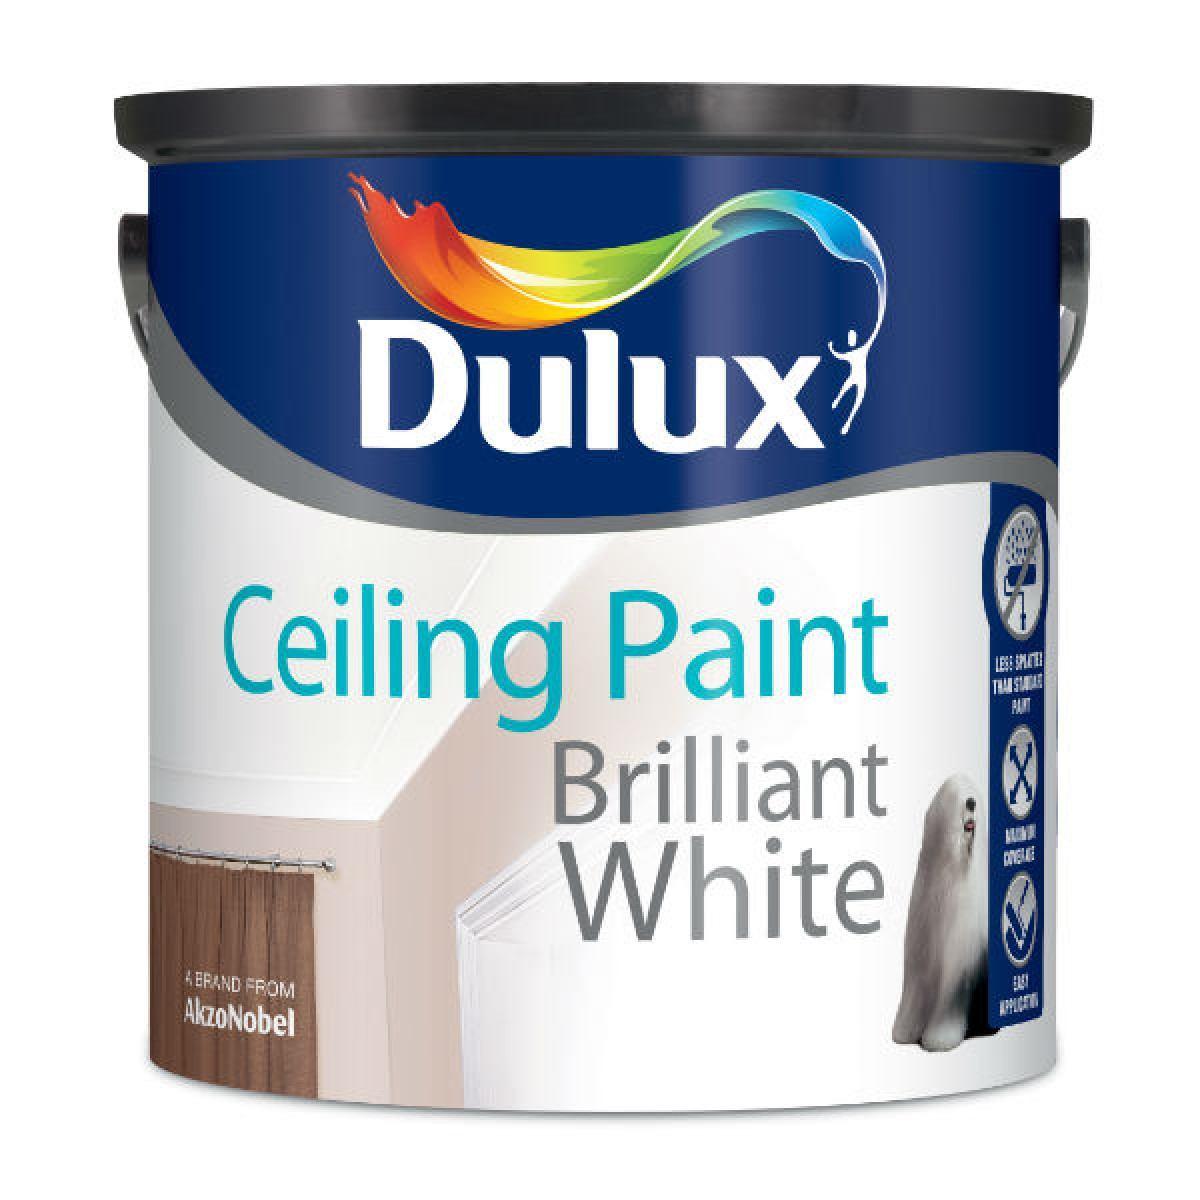 Dulux Ceiling Paint Brilliant White 2 5l